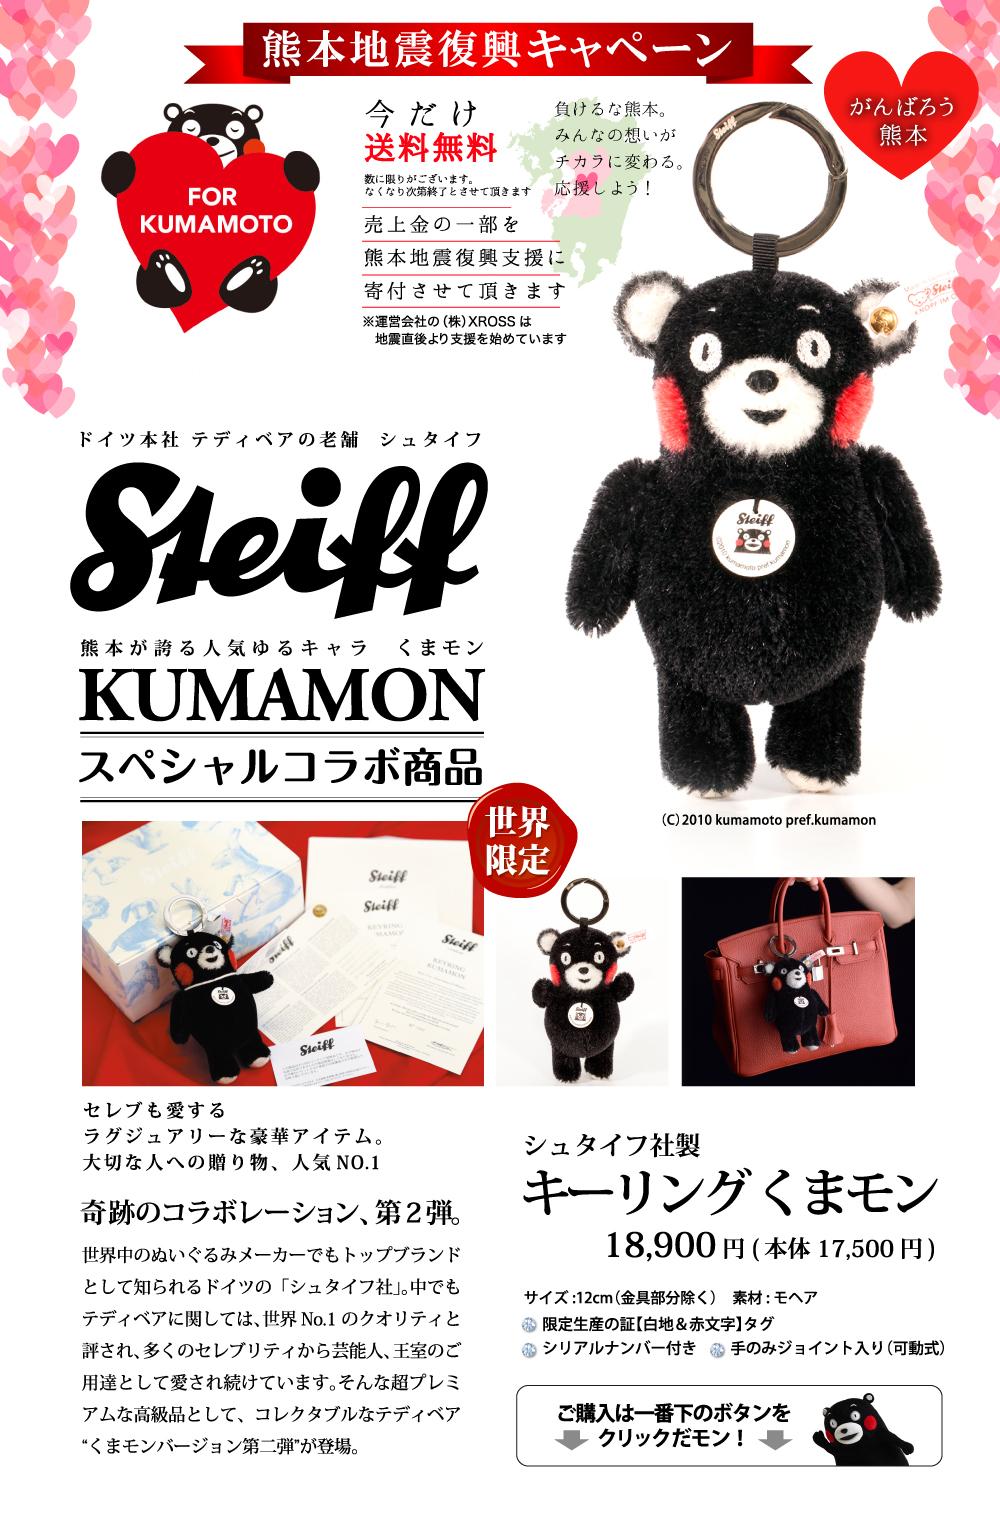 くまモン 世界で一番超高級 シュタイフ社謹製テディベア人形キーリング【公式通販サイト】特別な贈り物、誕生日に人気